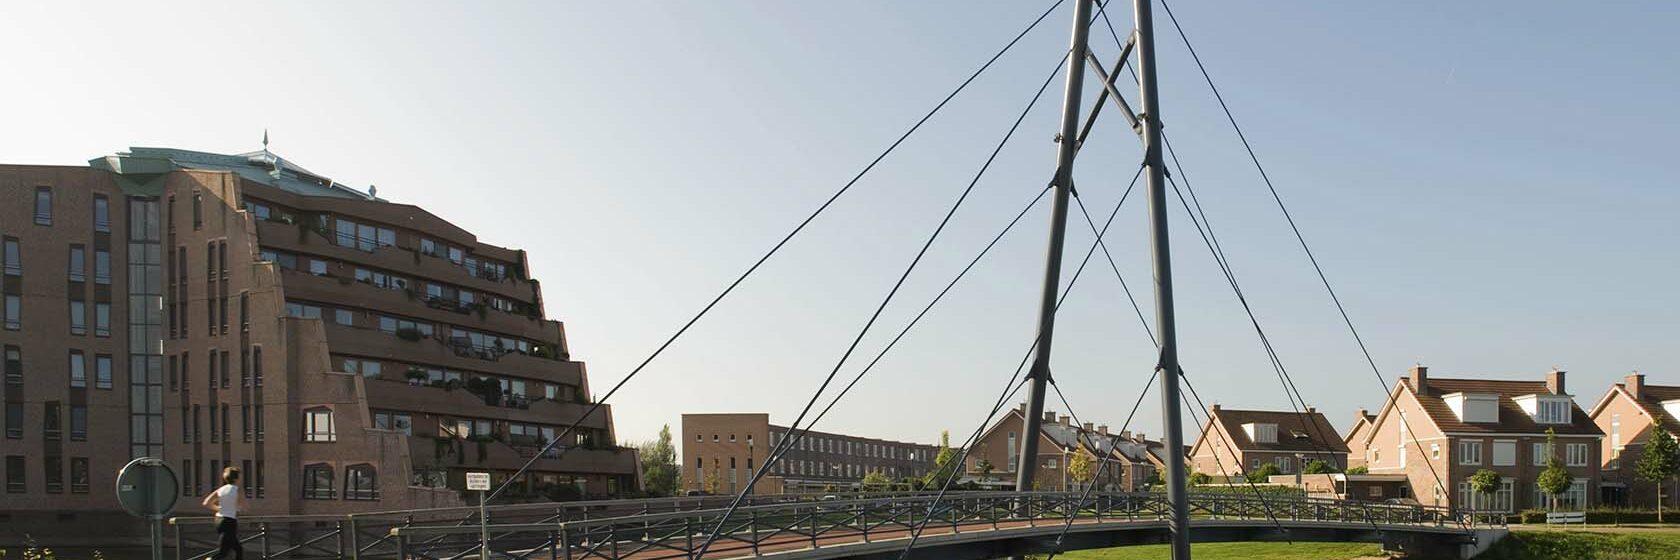 Brug over water met groen en gebouwen er omheen in Houten, Utrecht